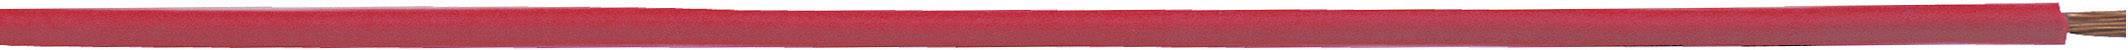 Opletenie / lanko LappKabel 4510062 H05V-K, 1 x 0.75 mm², vonkajší Ø 2.40 mm, 100 m, sivá